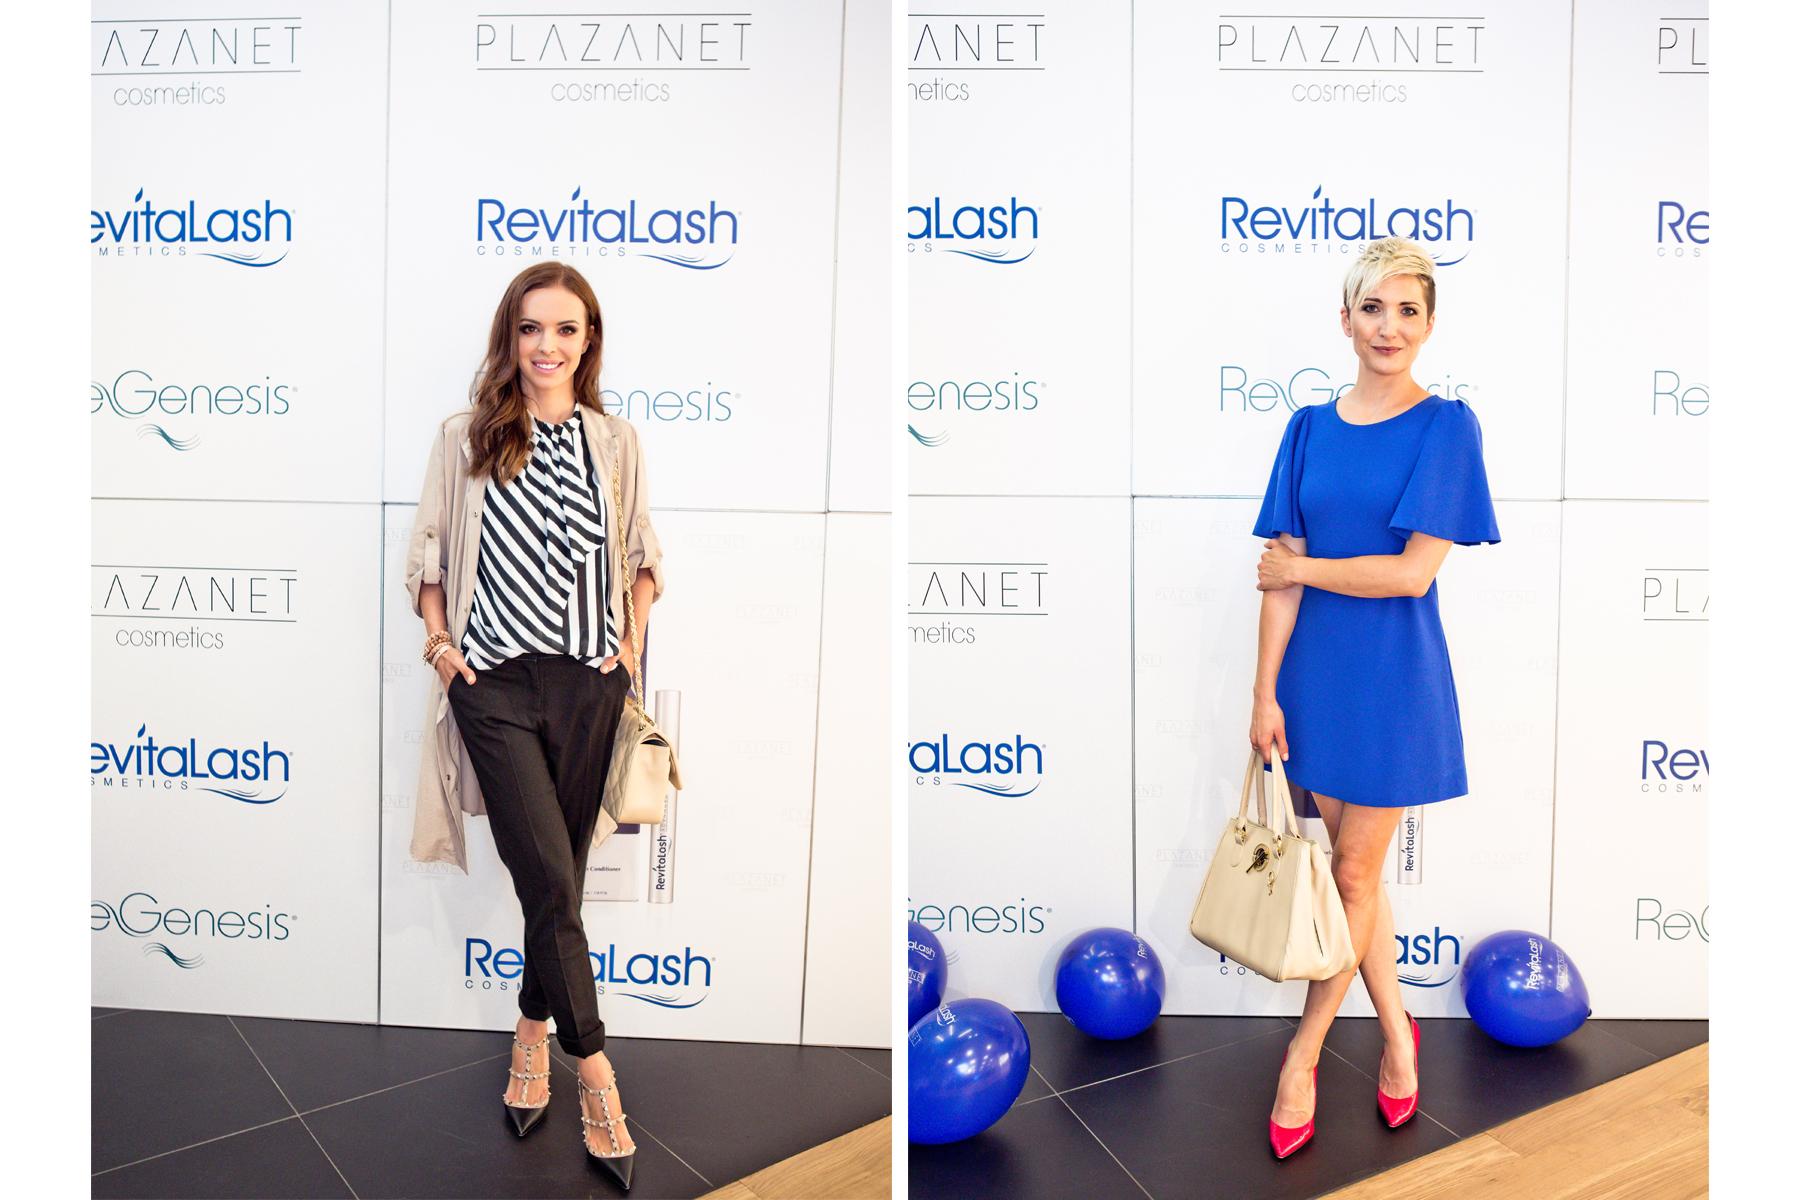 fotoreportaż_z_targów_i_eventów_-_branża_kosmetyczna_007